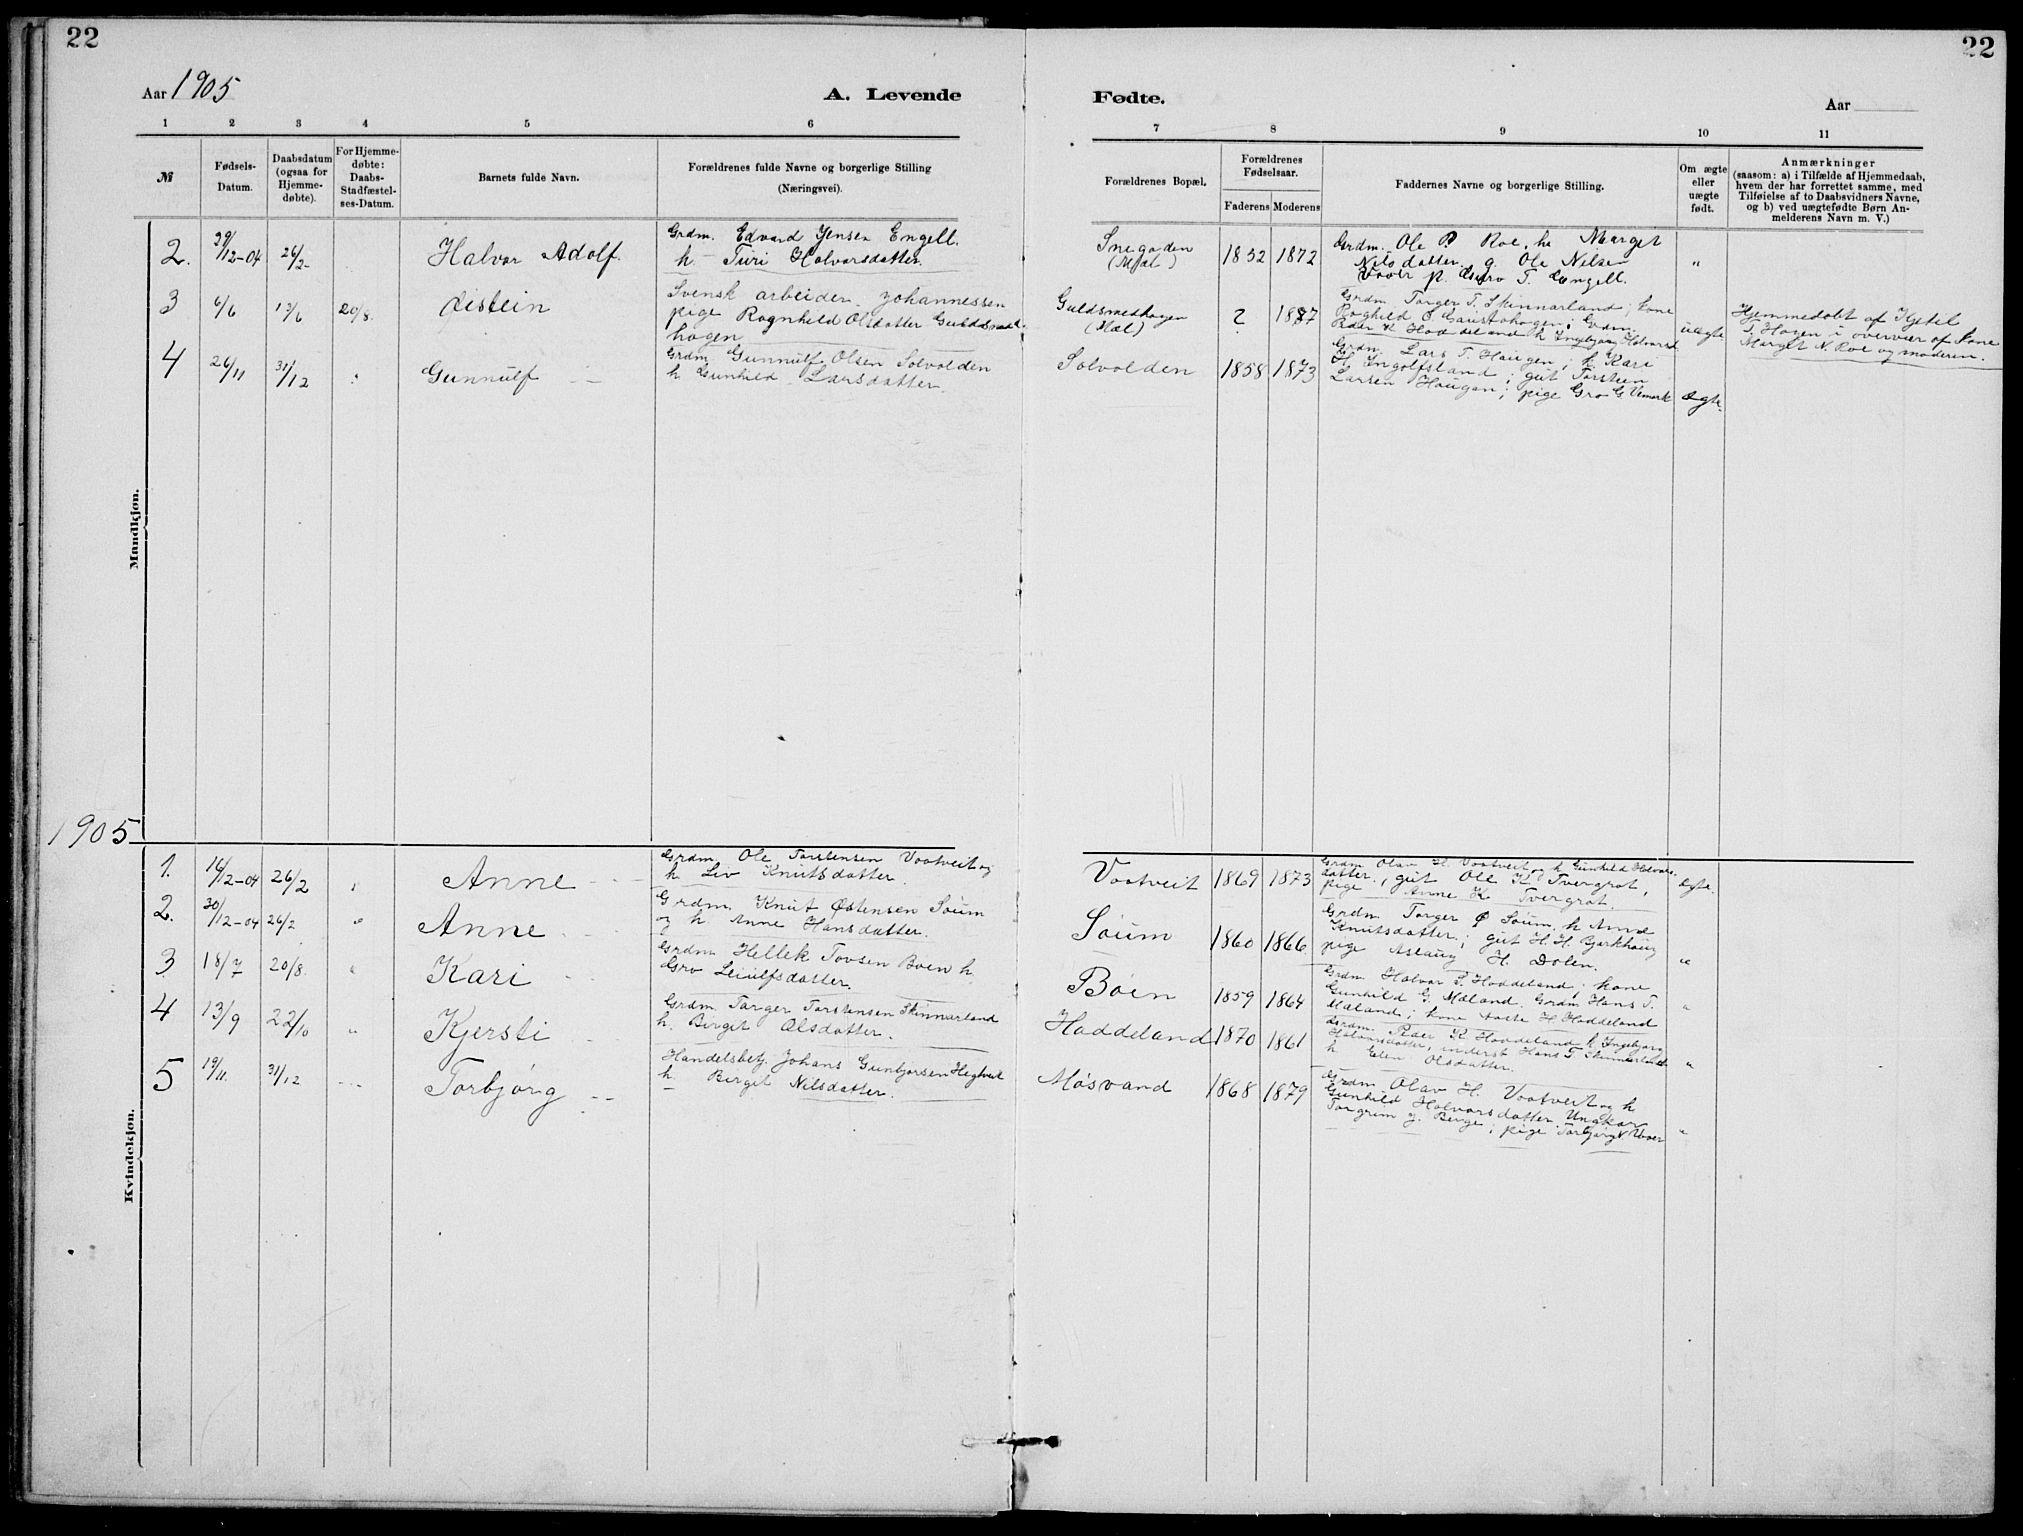 SAKO, Rjukan kirkebøker, G/Ga/L0001: Klokkerbok nr. 1, 1880-1914, s. 22